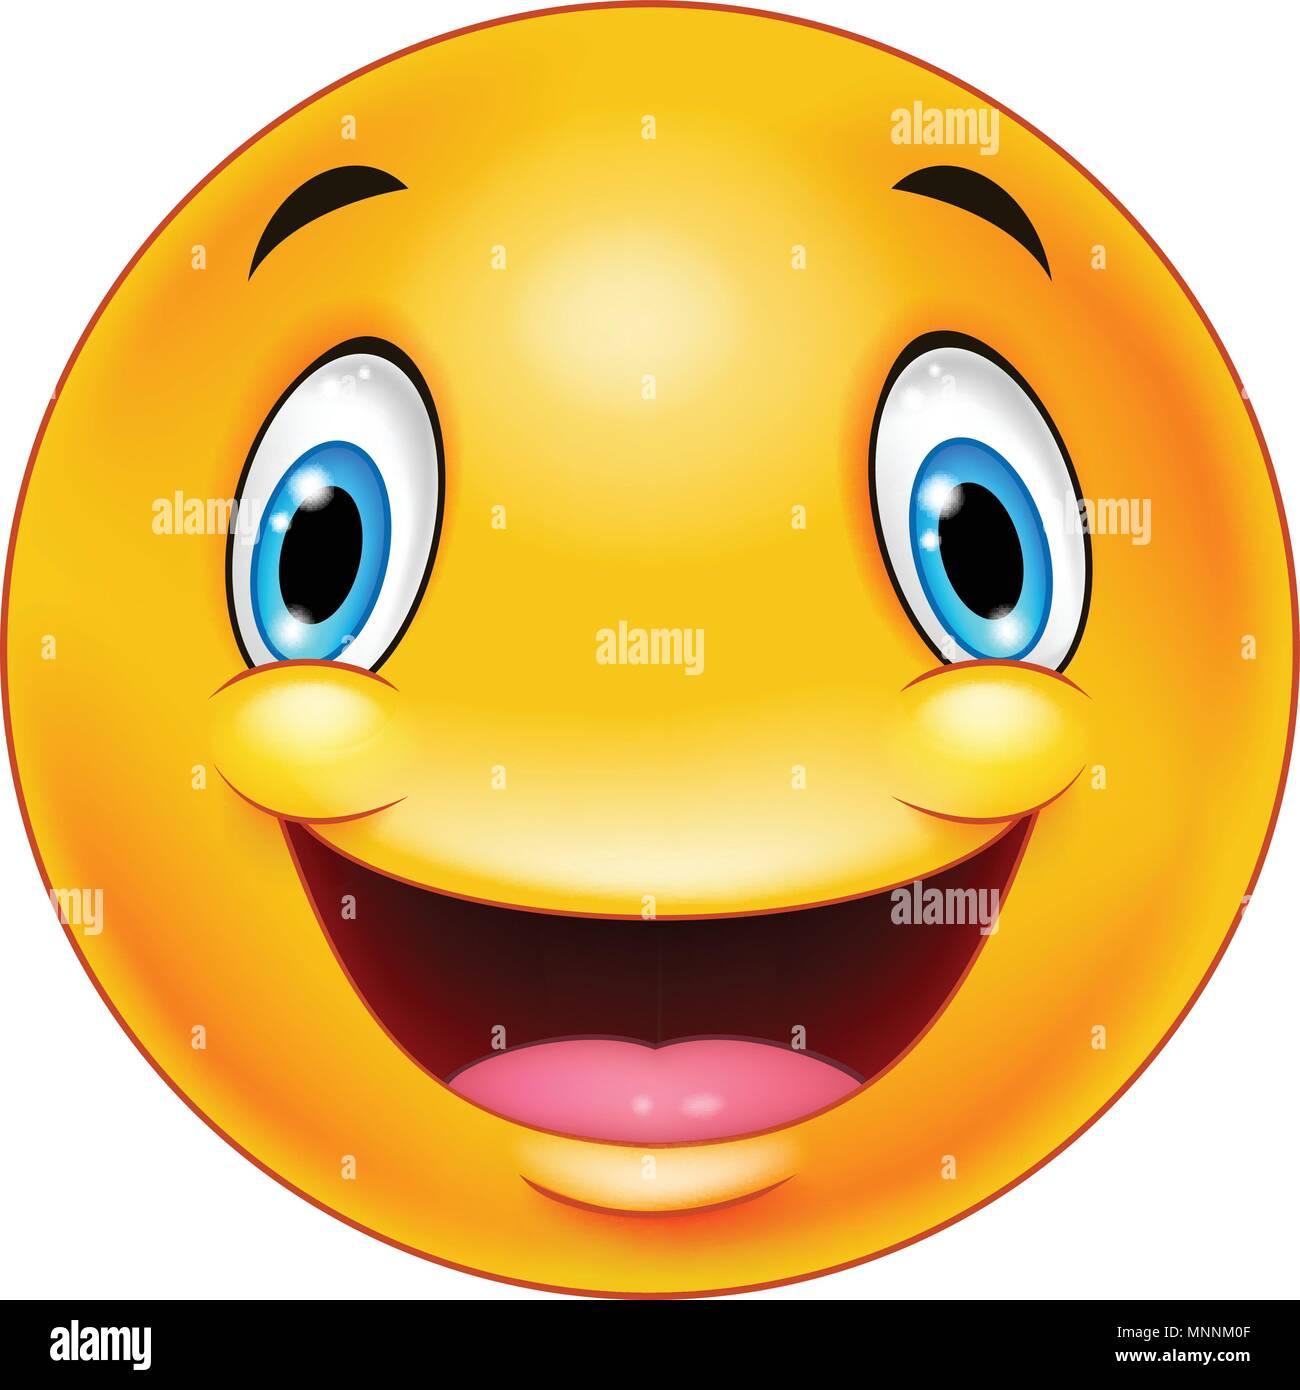 Lachendes Smiley Emoticon Gesicht Vektor Abbildung Bild 185488143